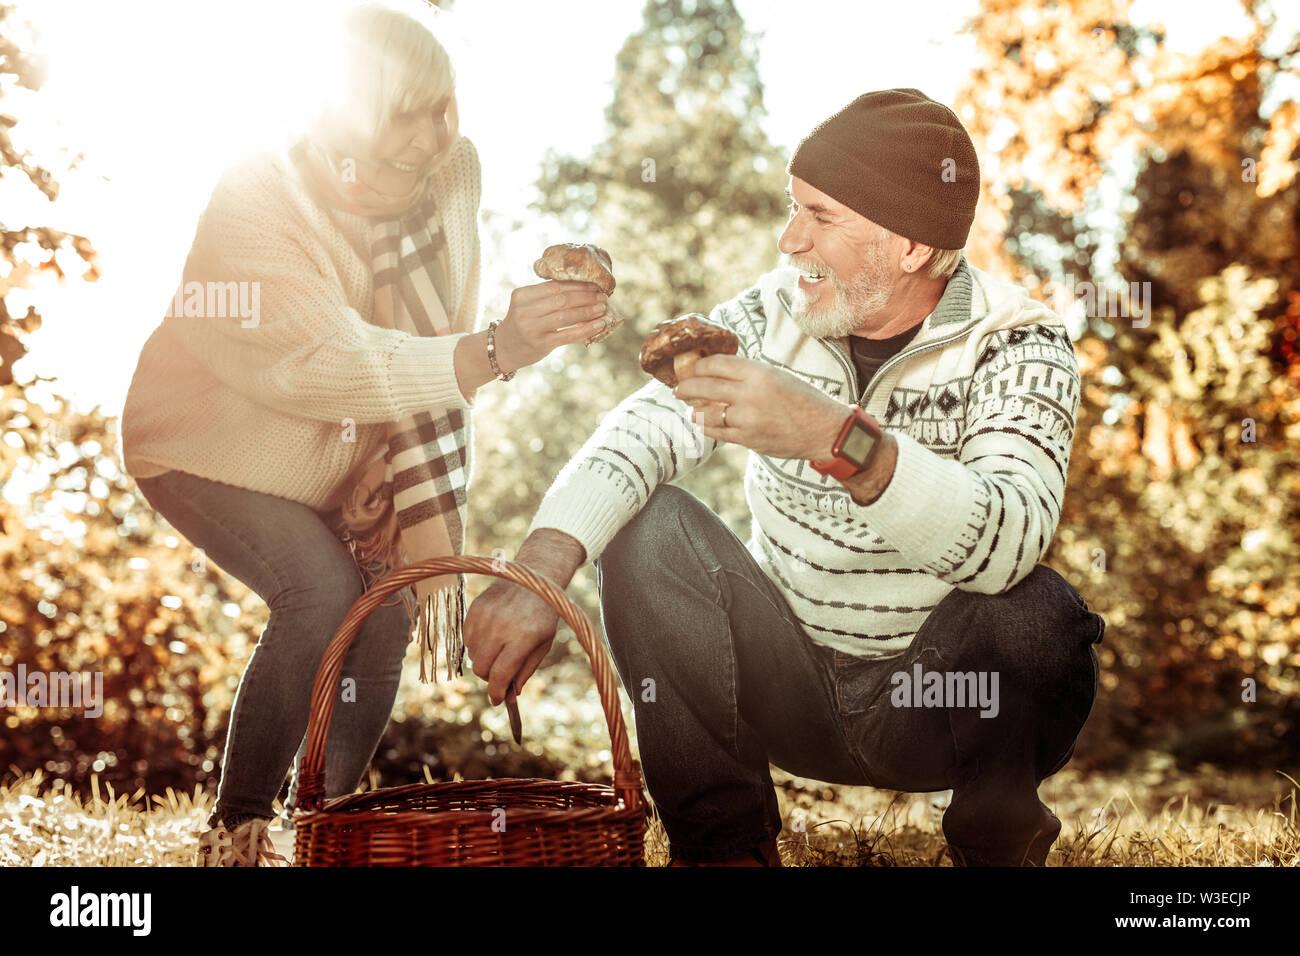 Mari et femme souriante champignons collecte ensemble. Photo Stock